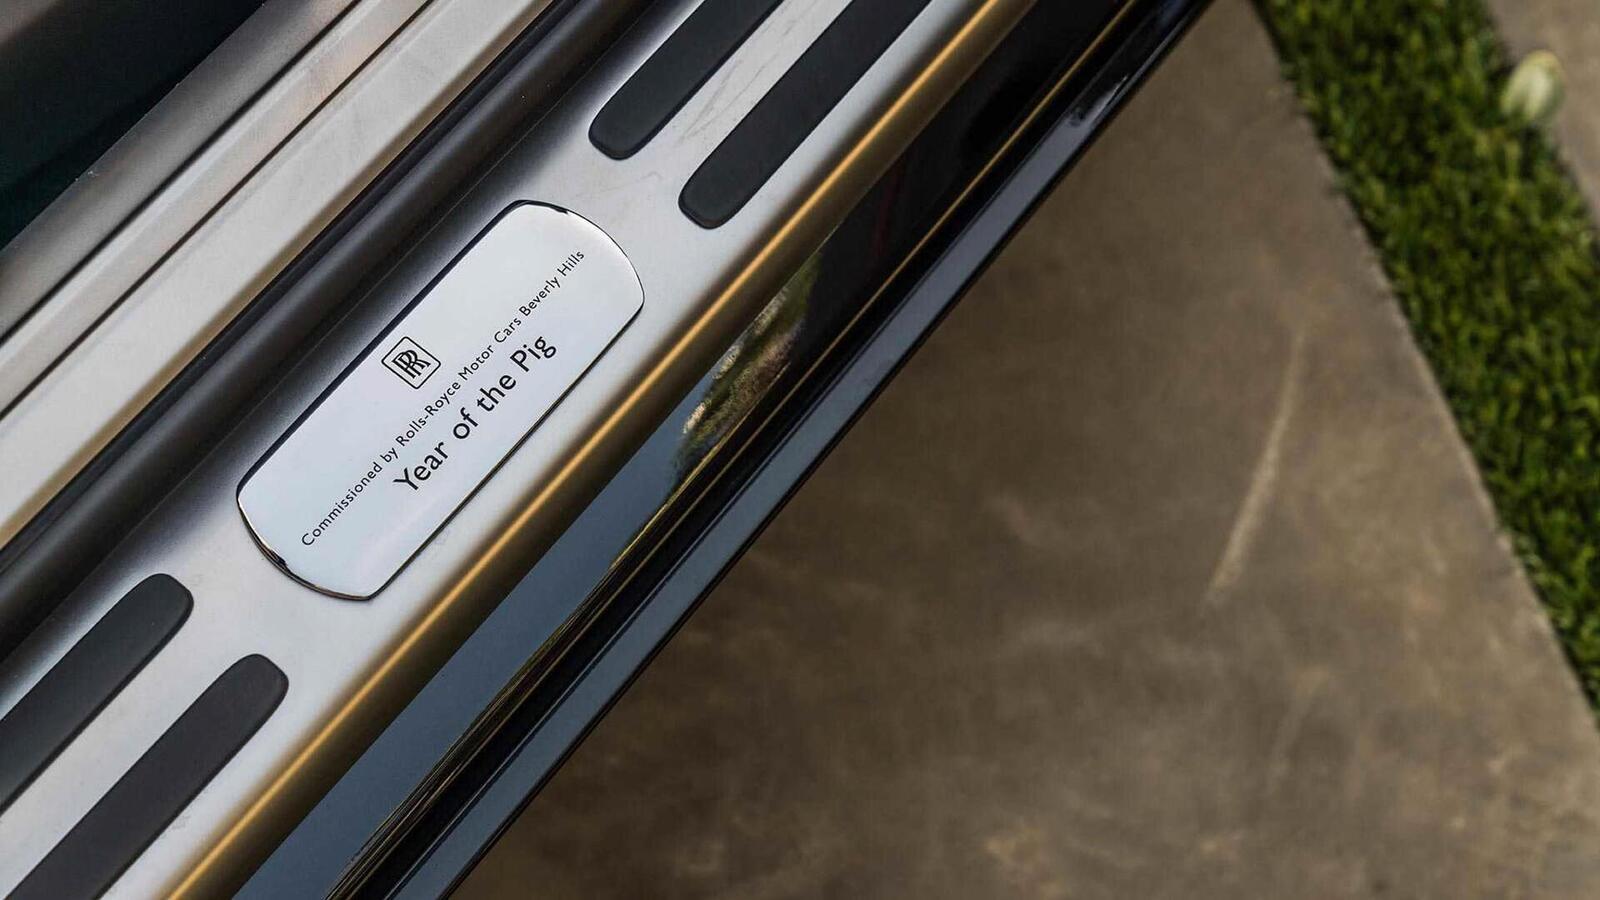 Mừng năm Kỷ Hợi, Rolls-Royce giới thiệu Ghost, Wraith và Dawn phiên bản đặc biệt ''Year of the Pig'' - Hình 3